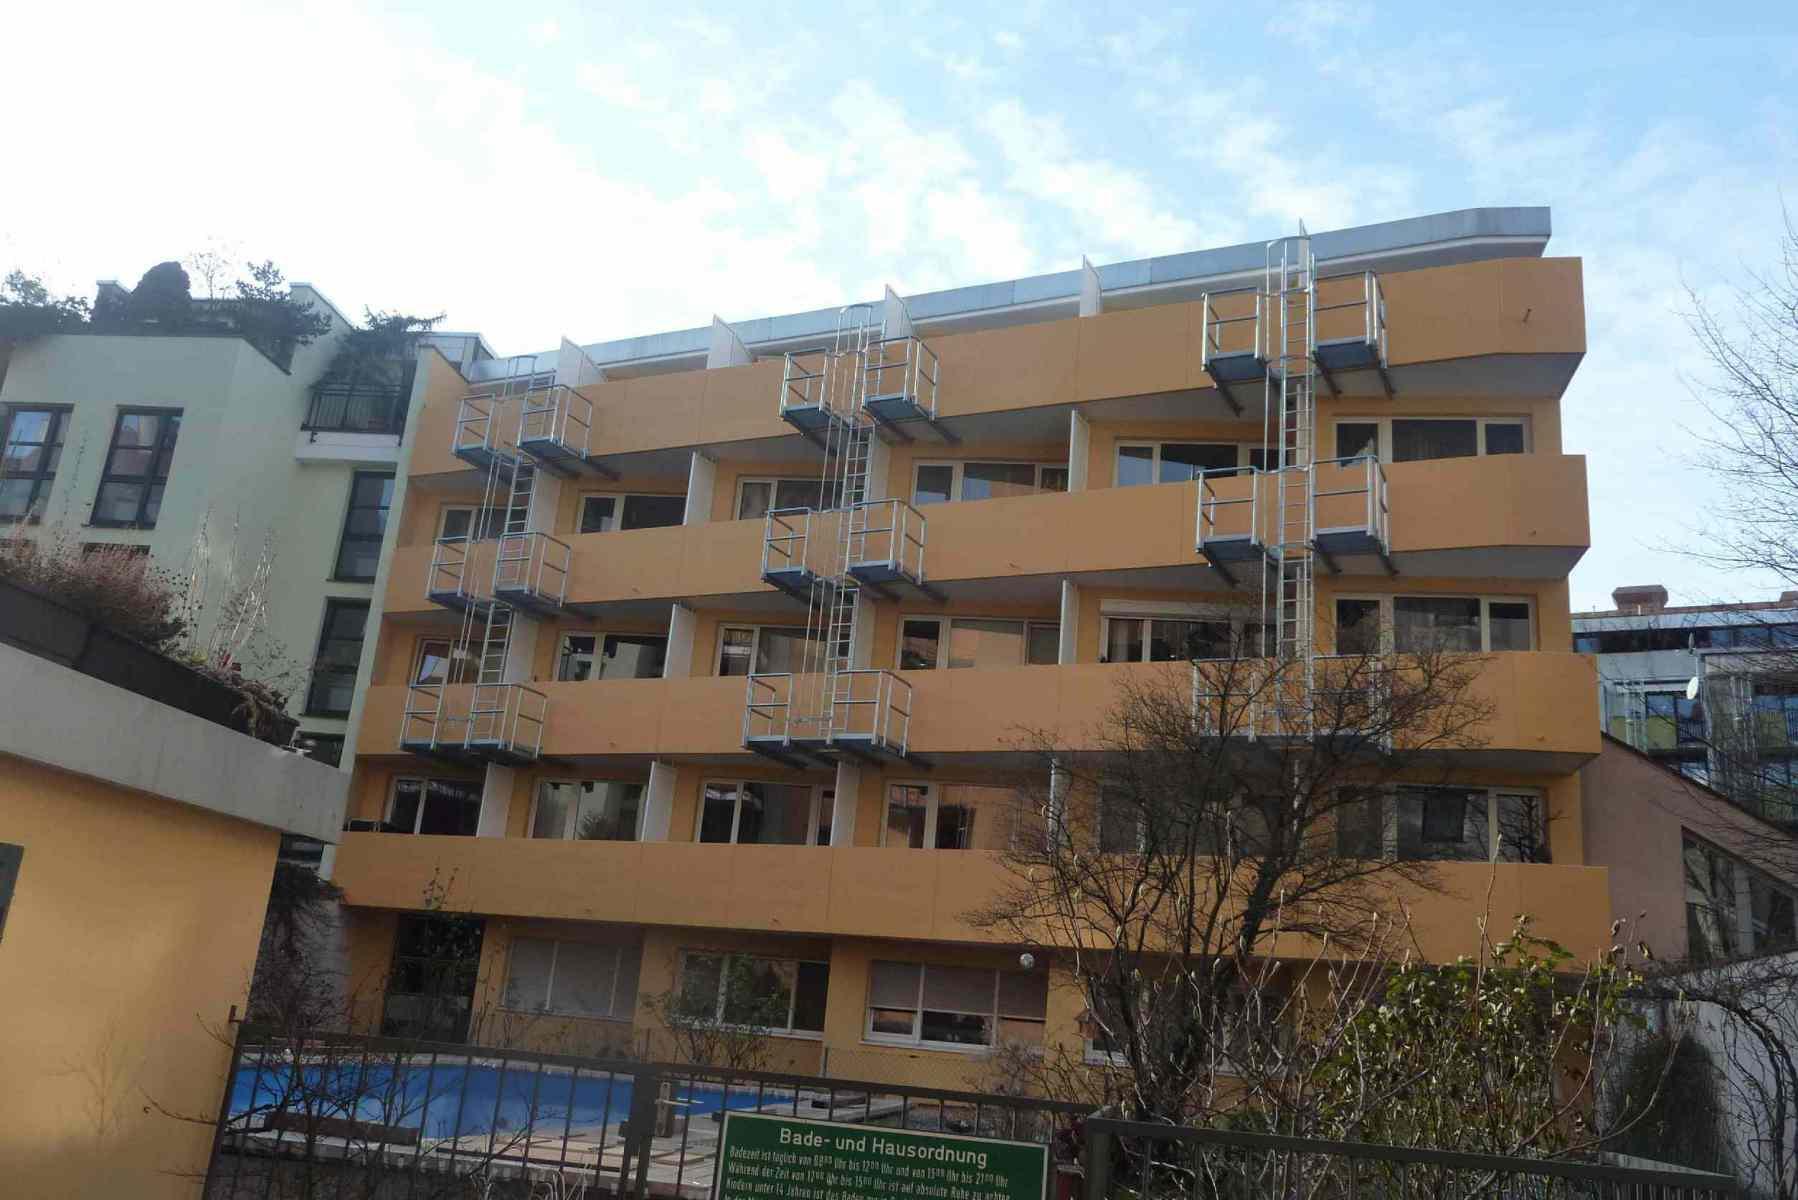 Fassadensanierung-Muenchen-17